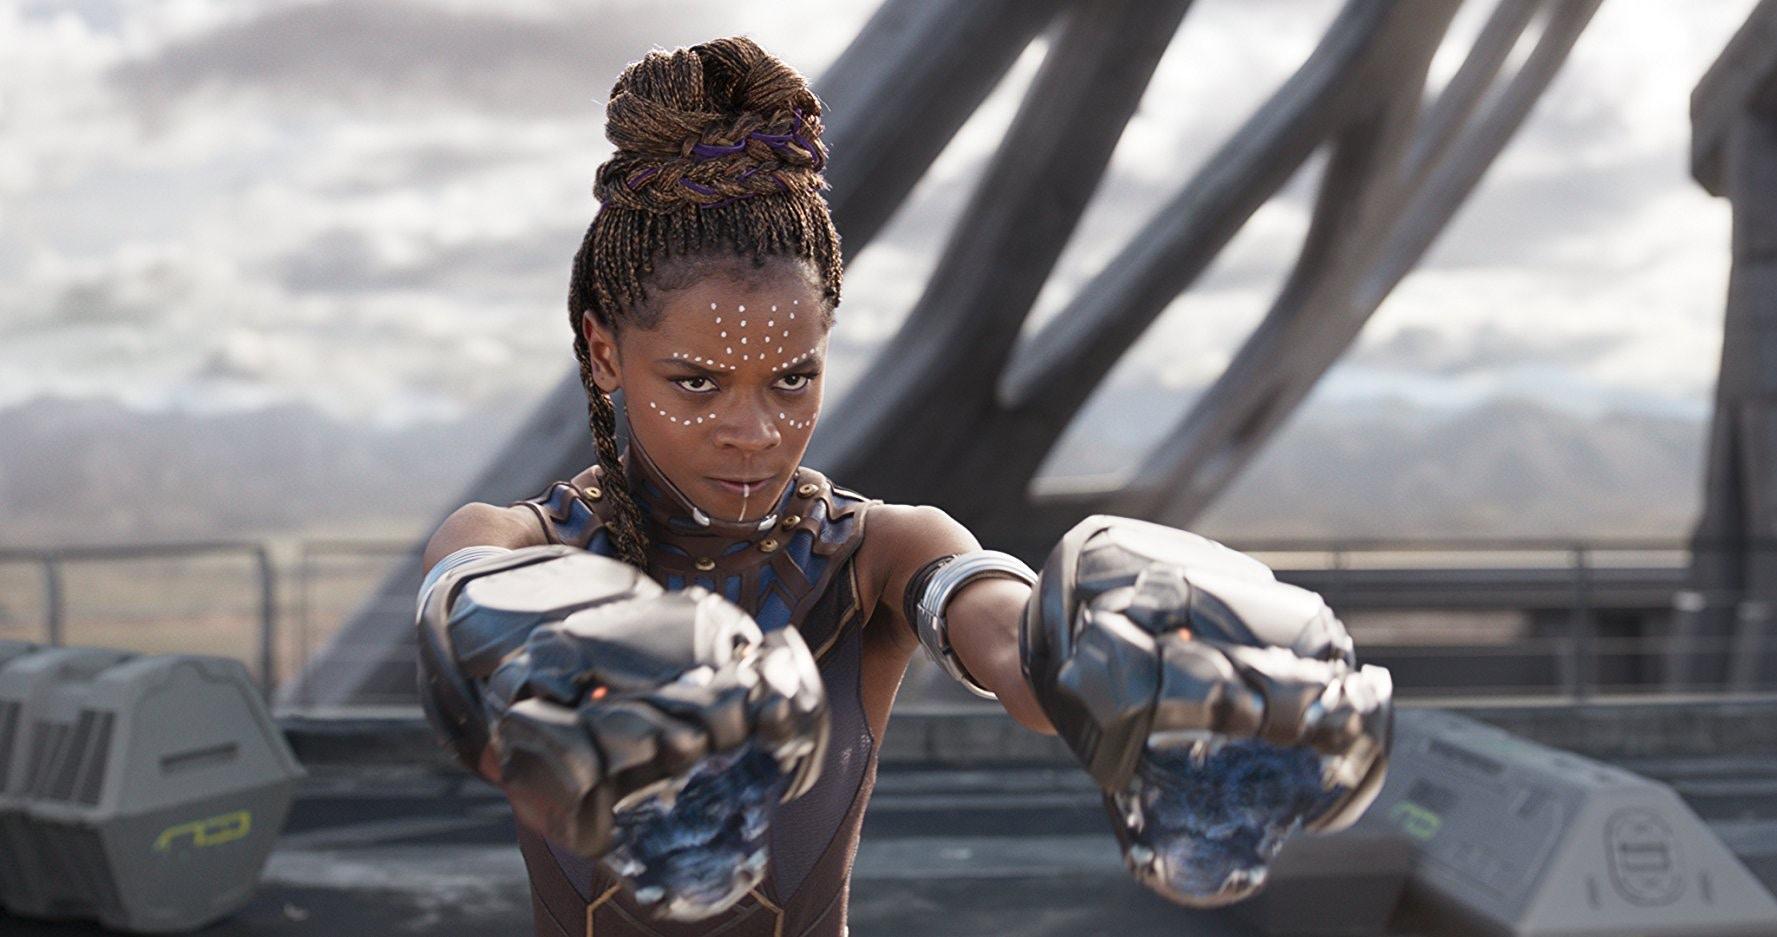 漫威電影宇宙中最強大的科學家與發明家:《黑豹》中的舒莉。